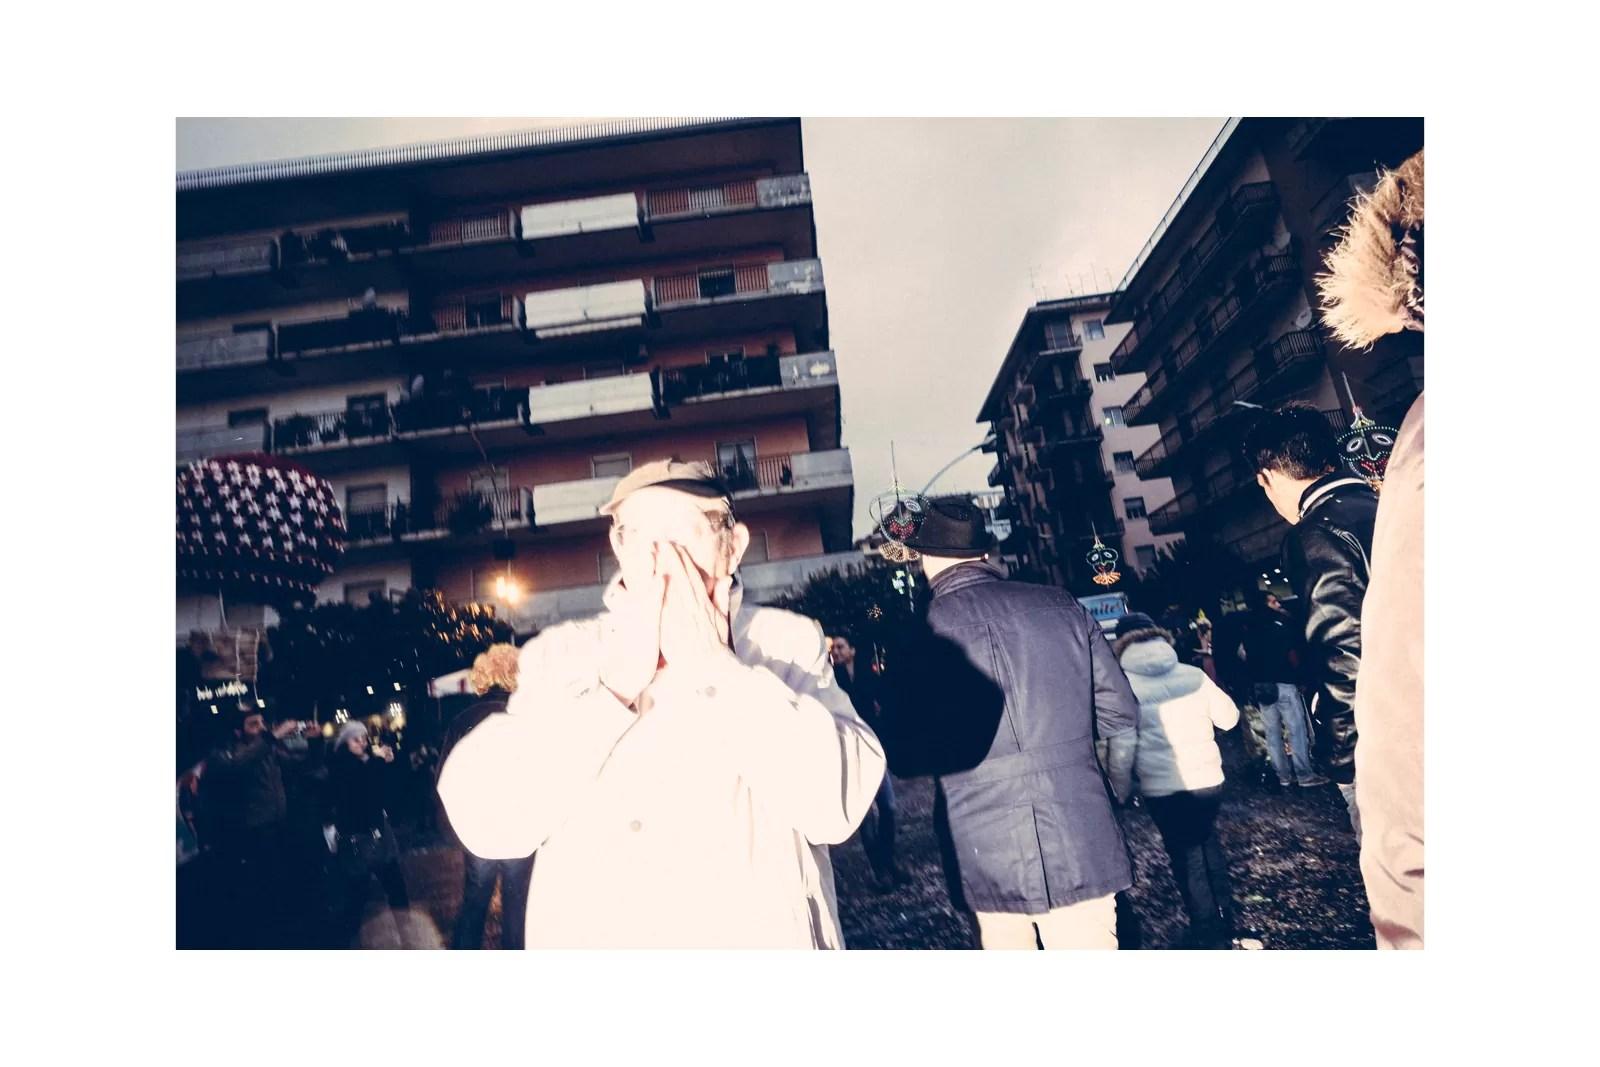 DSCF9038 - Crisi dell'Editing fotografico e la Street Photography - fotostreet.it